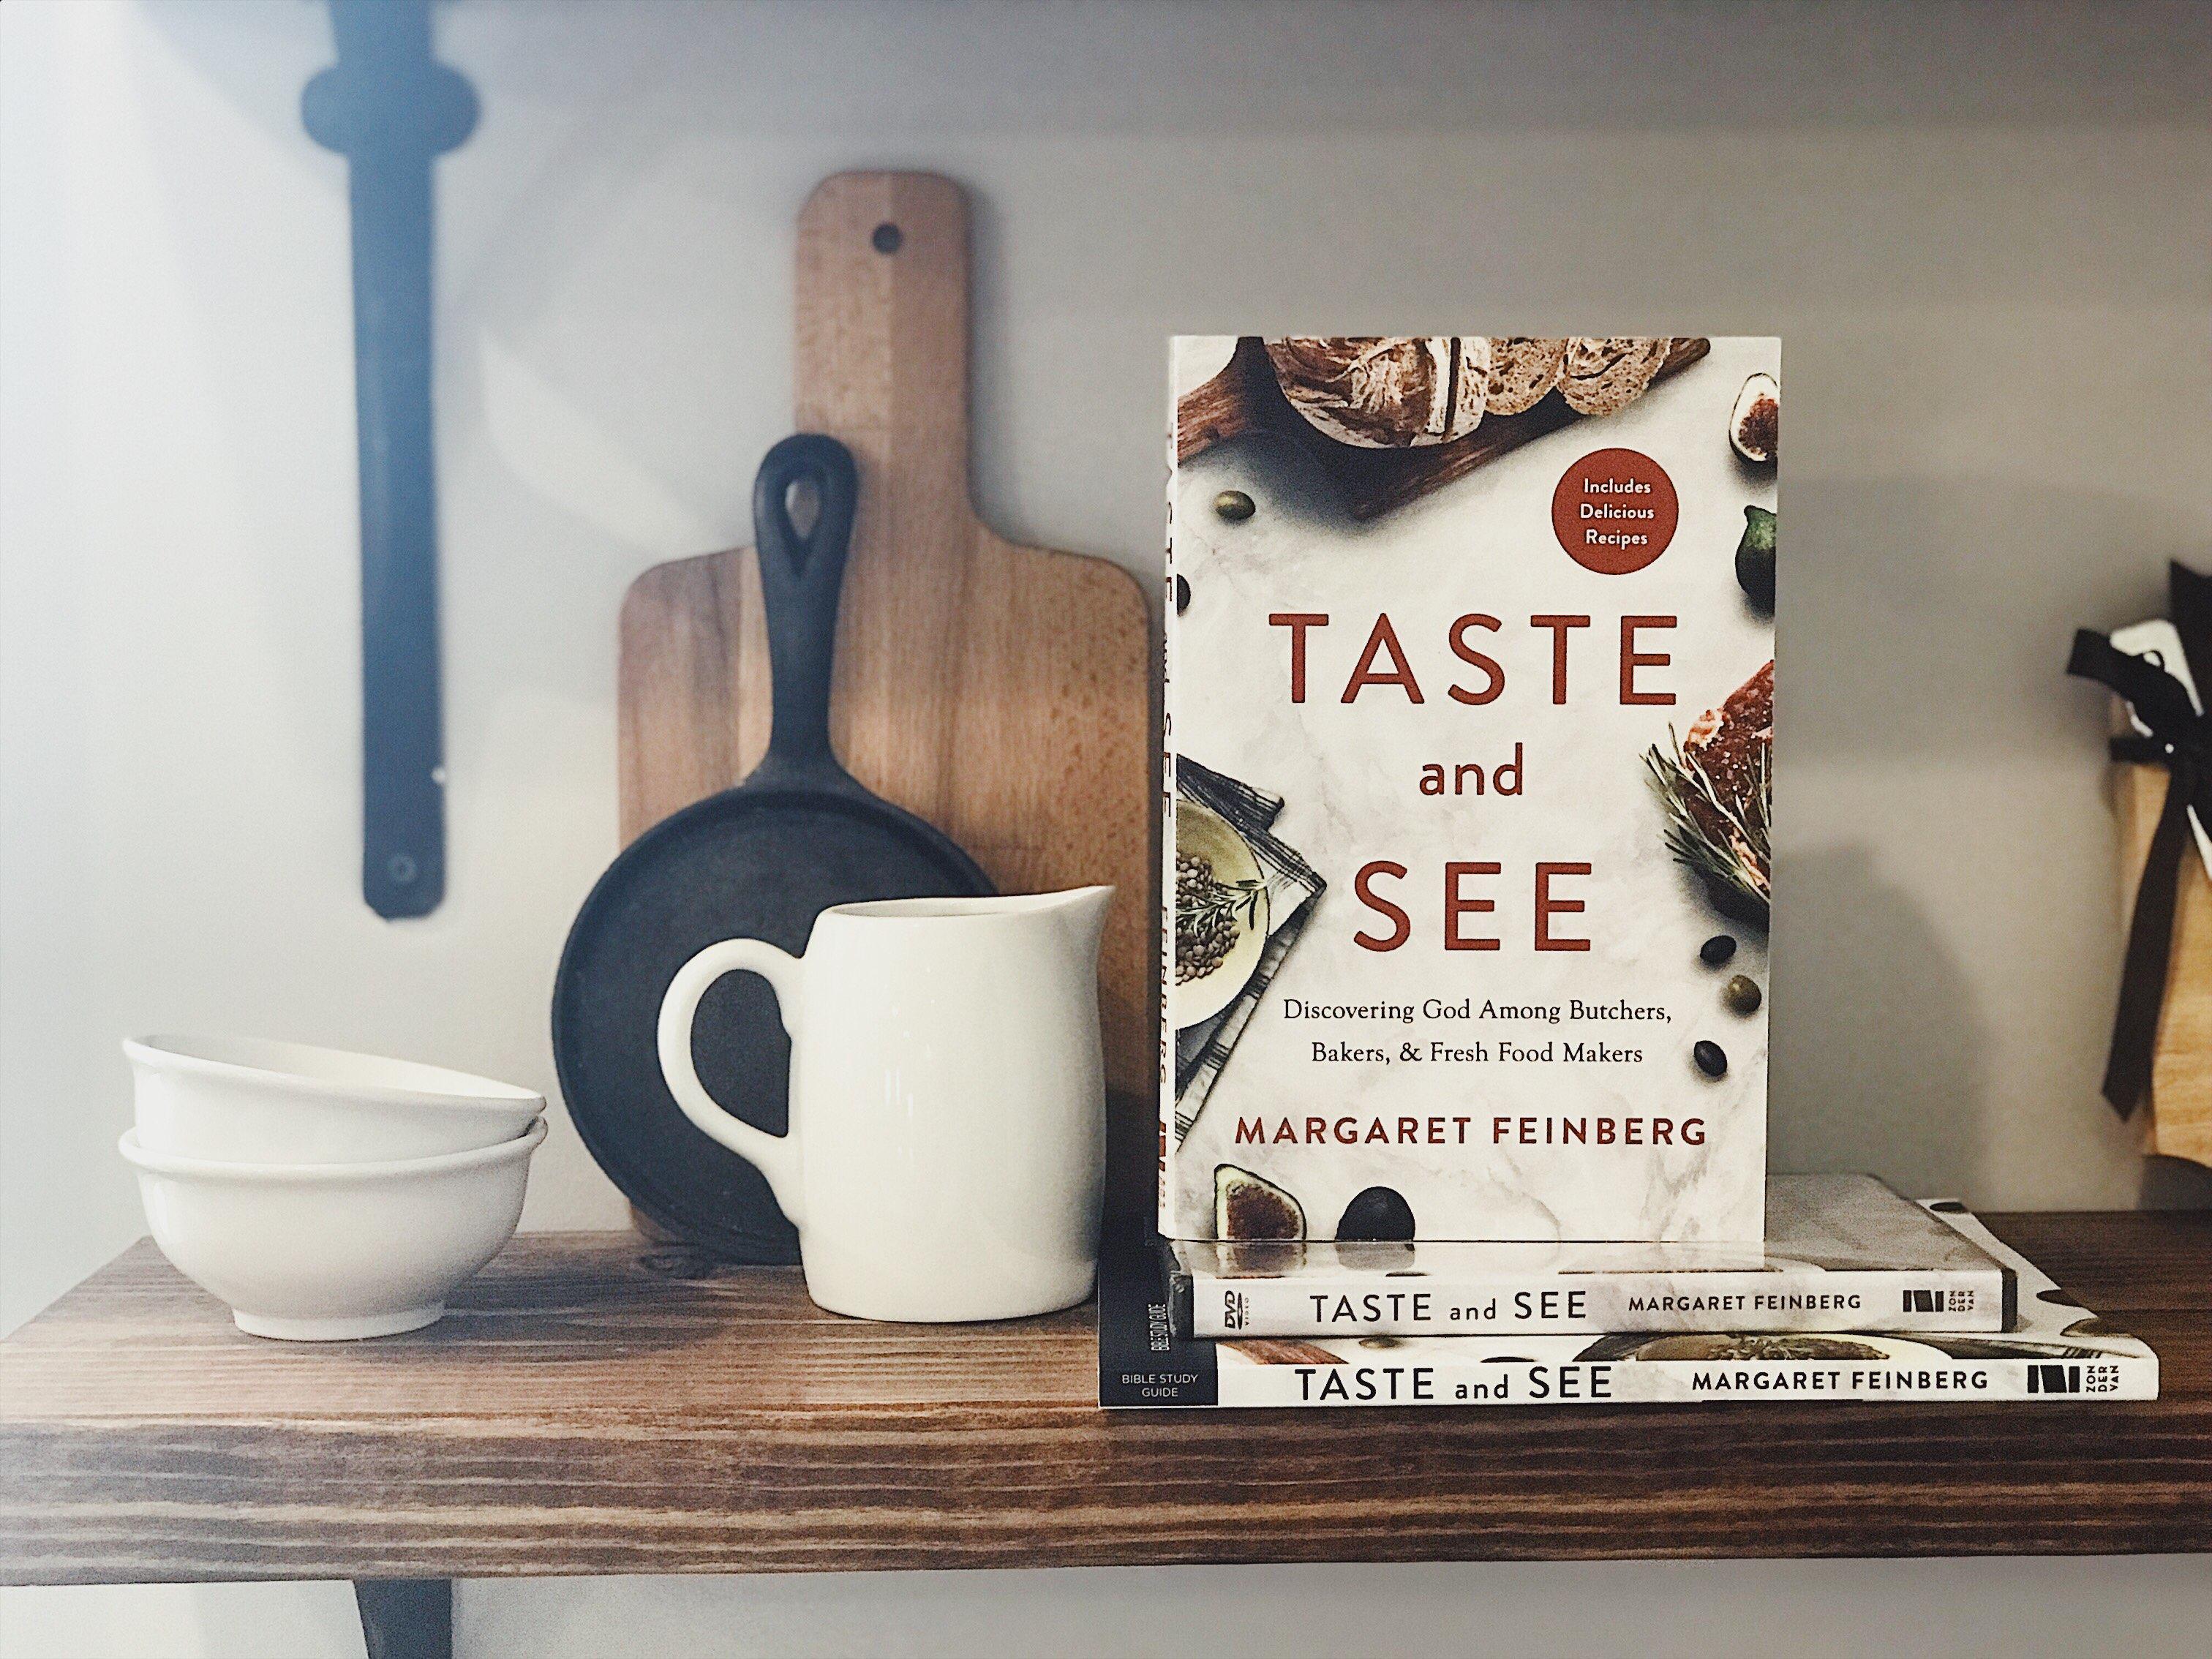 Margaret Feinberg new book, TASTE AND SEE